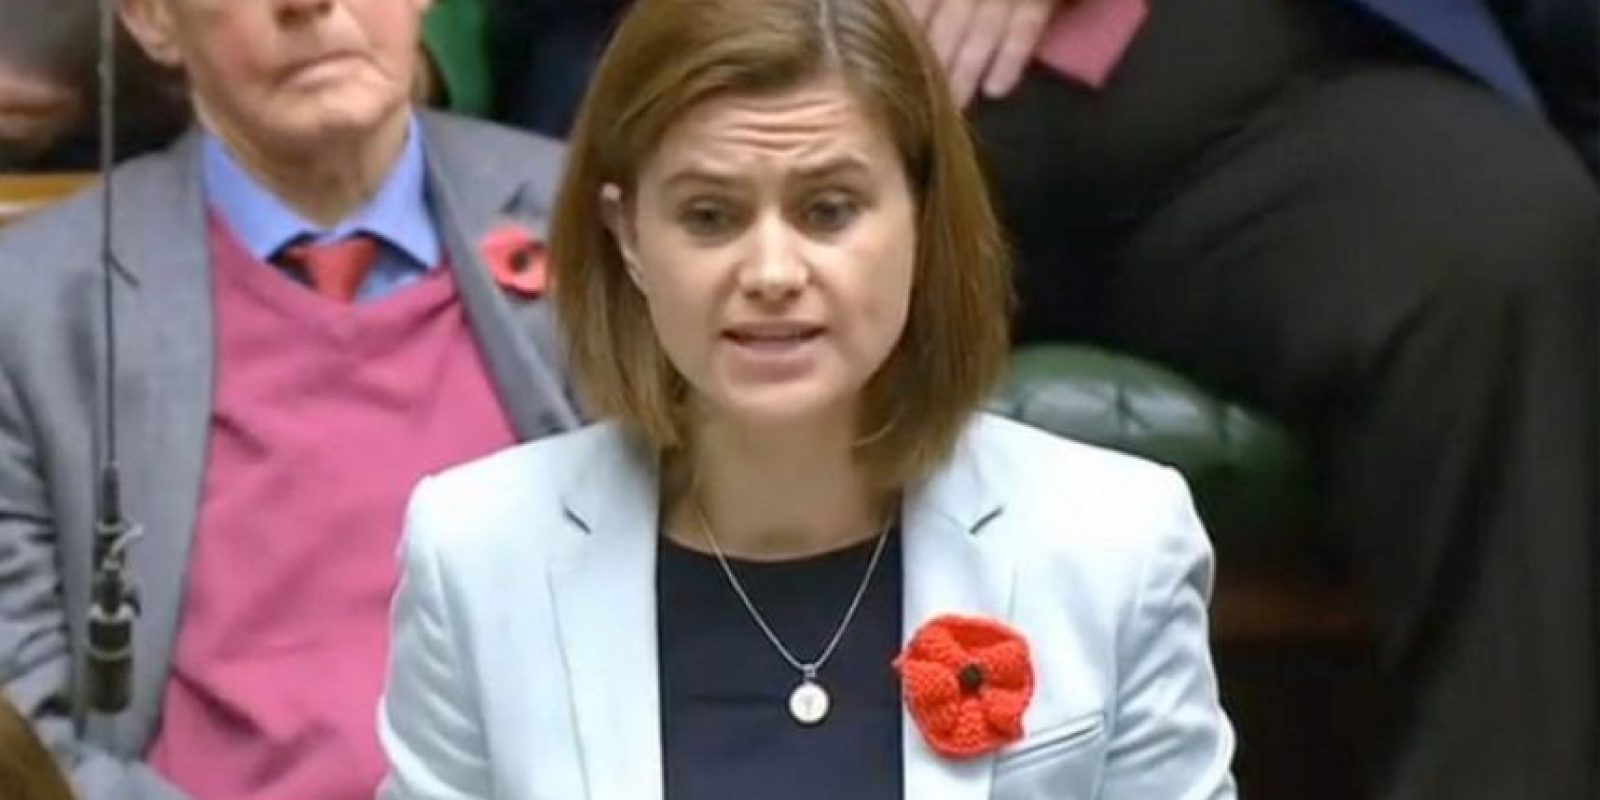 Era defensora de la permanencia de Reino Unido en la Unión Europea Foto:AFP